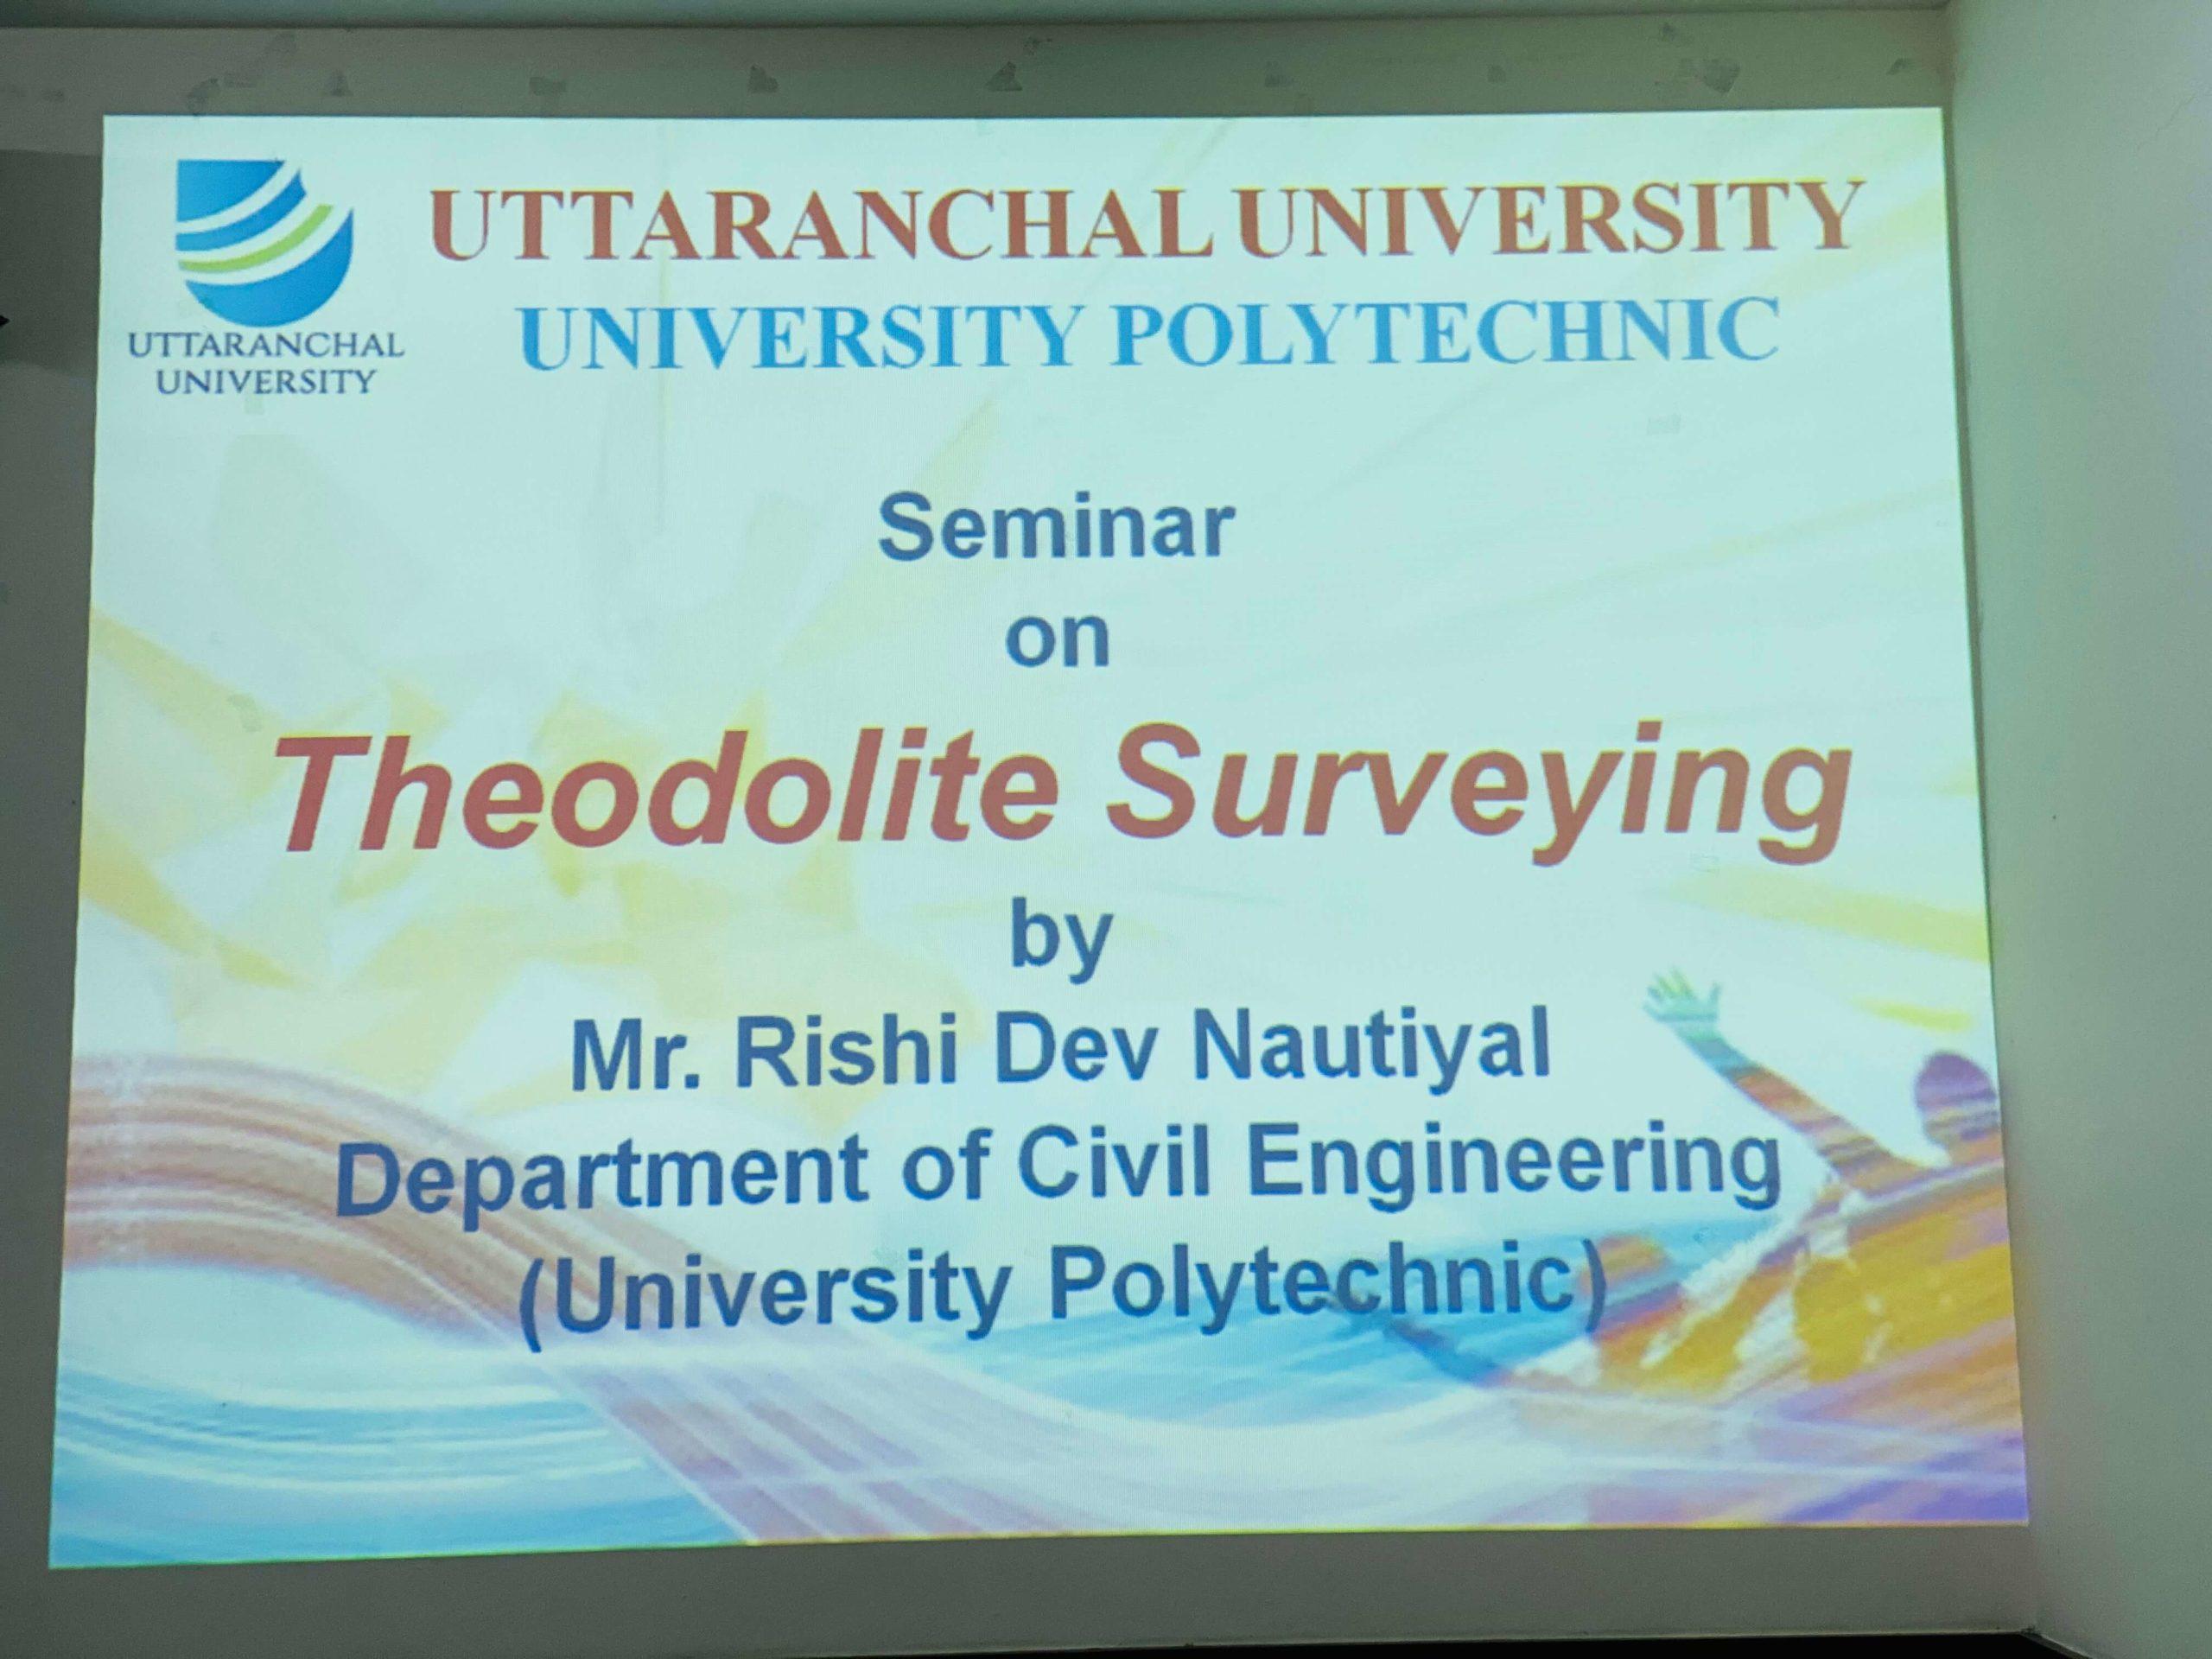 University Polytechnic organizes a Seminar on 'Theodolite Surveying'